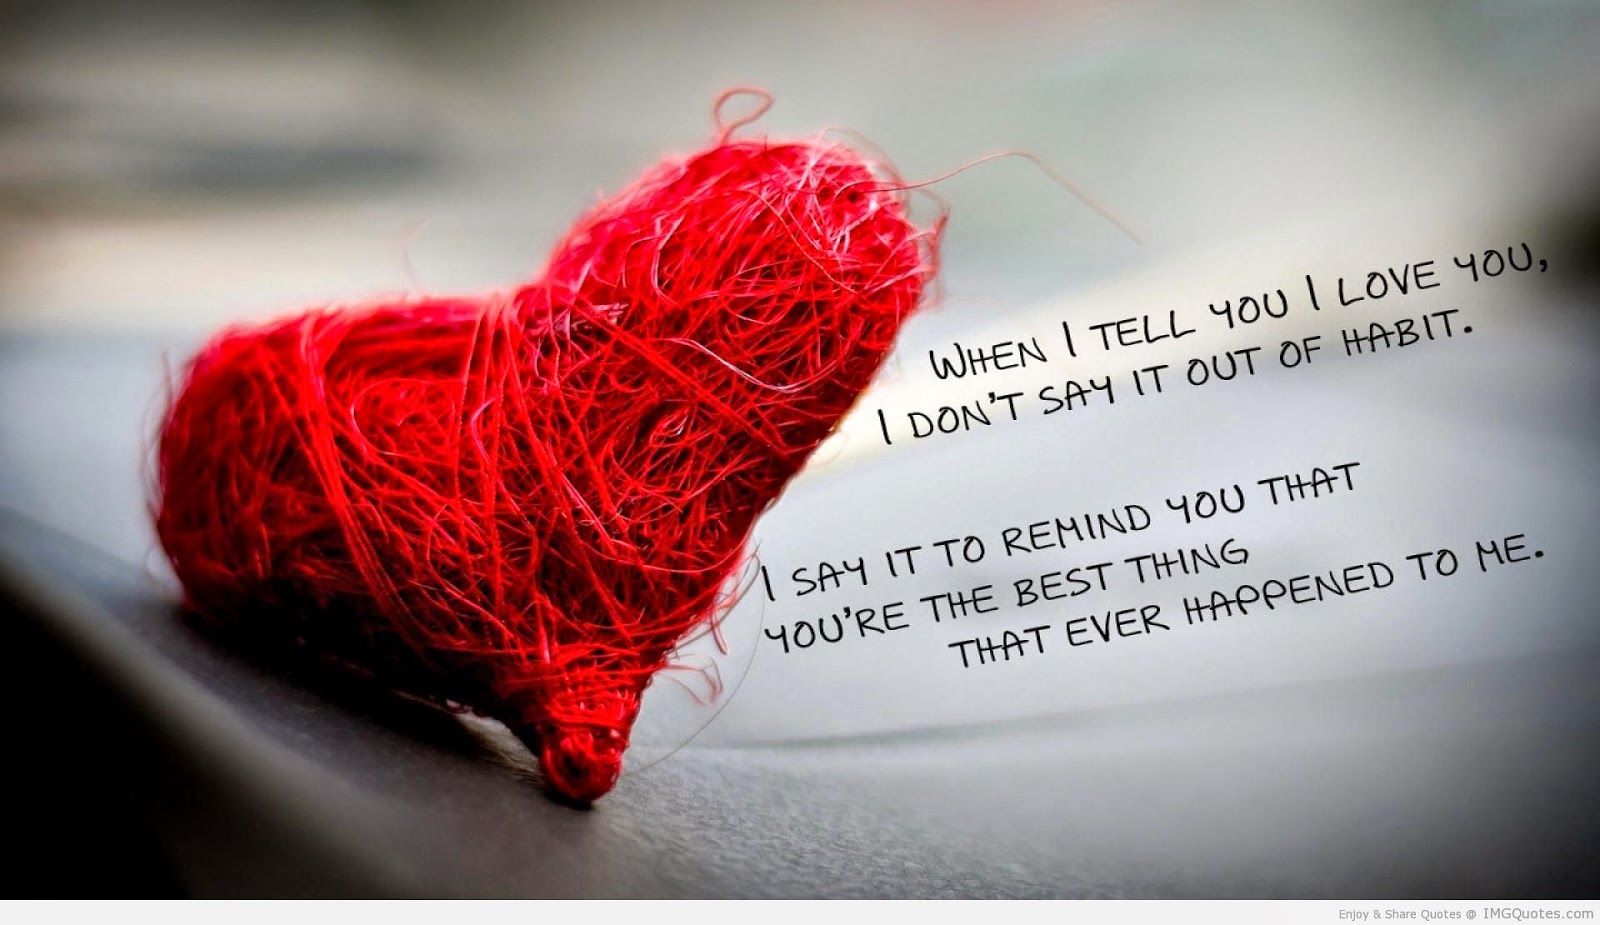 cele mai frumoase citate despre dragoste Citate si proverbe : Citate celebre despre dragoste cele mai frumoase citate despre dragoste